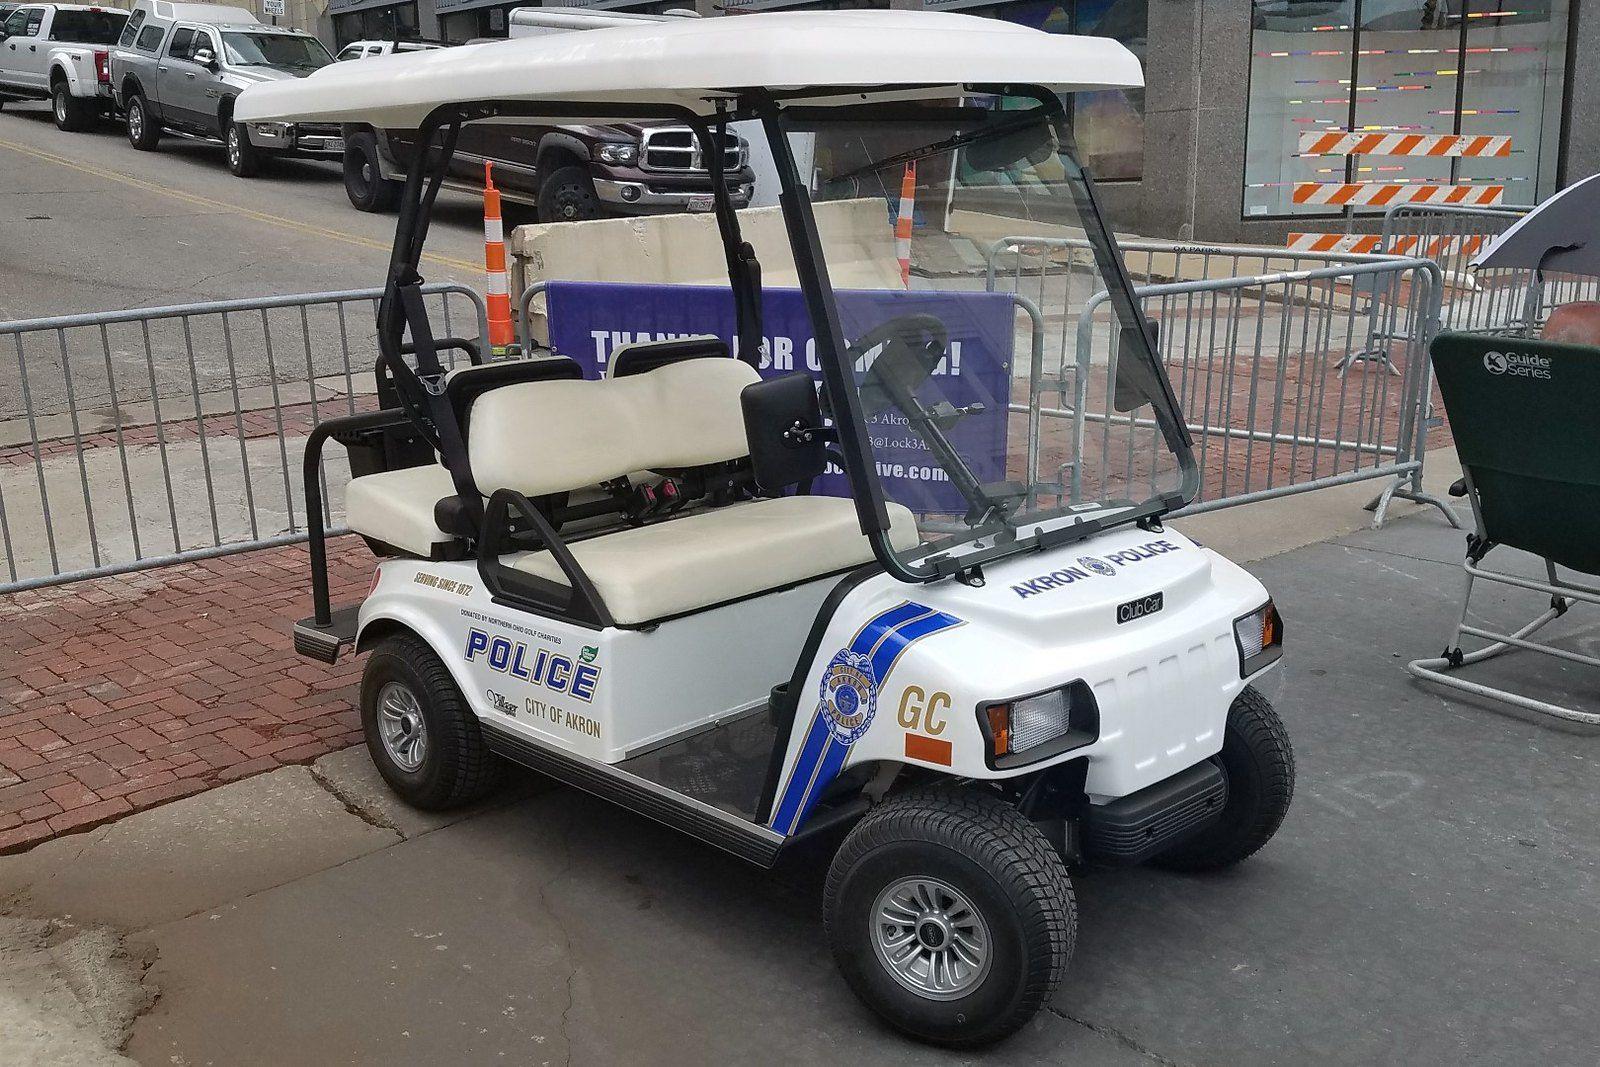 Akron police club car golf cart club car golf cart golf